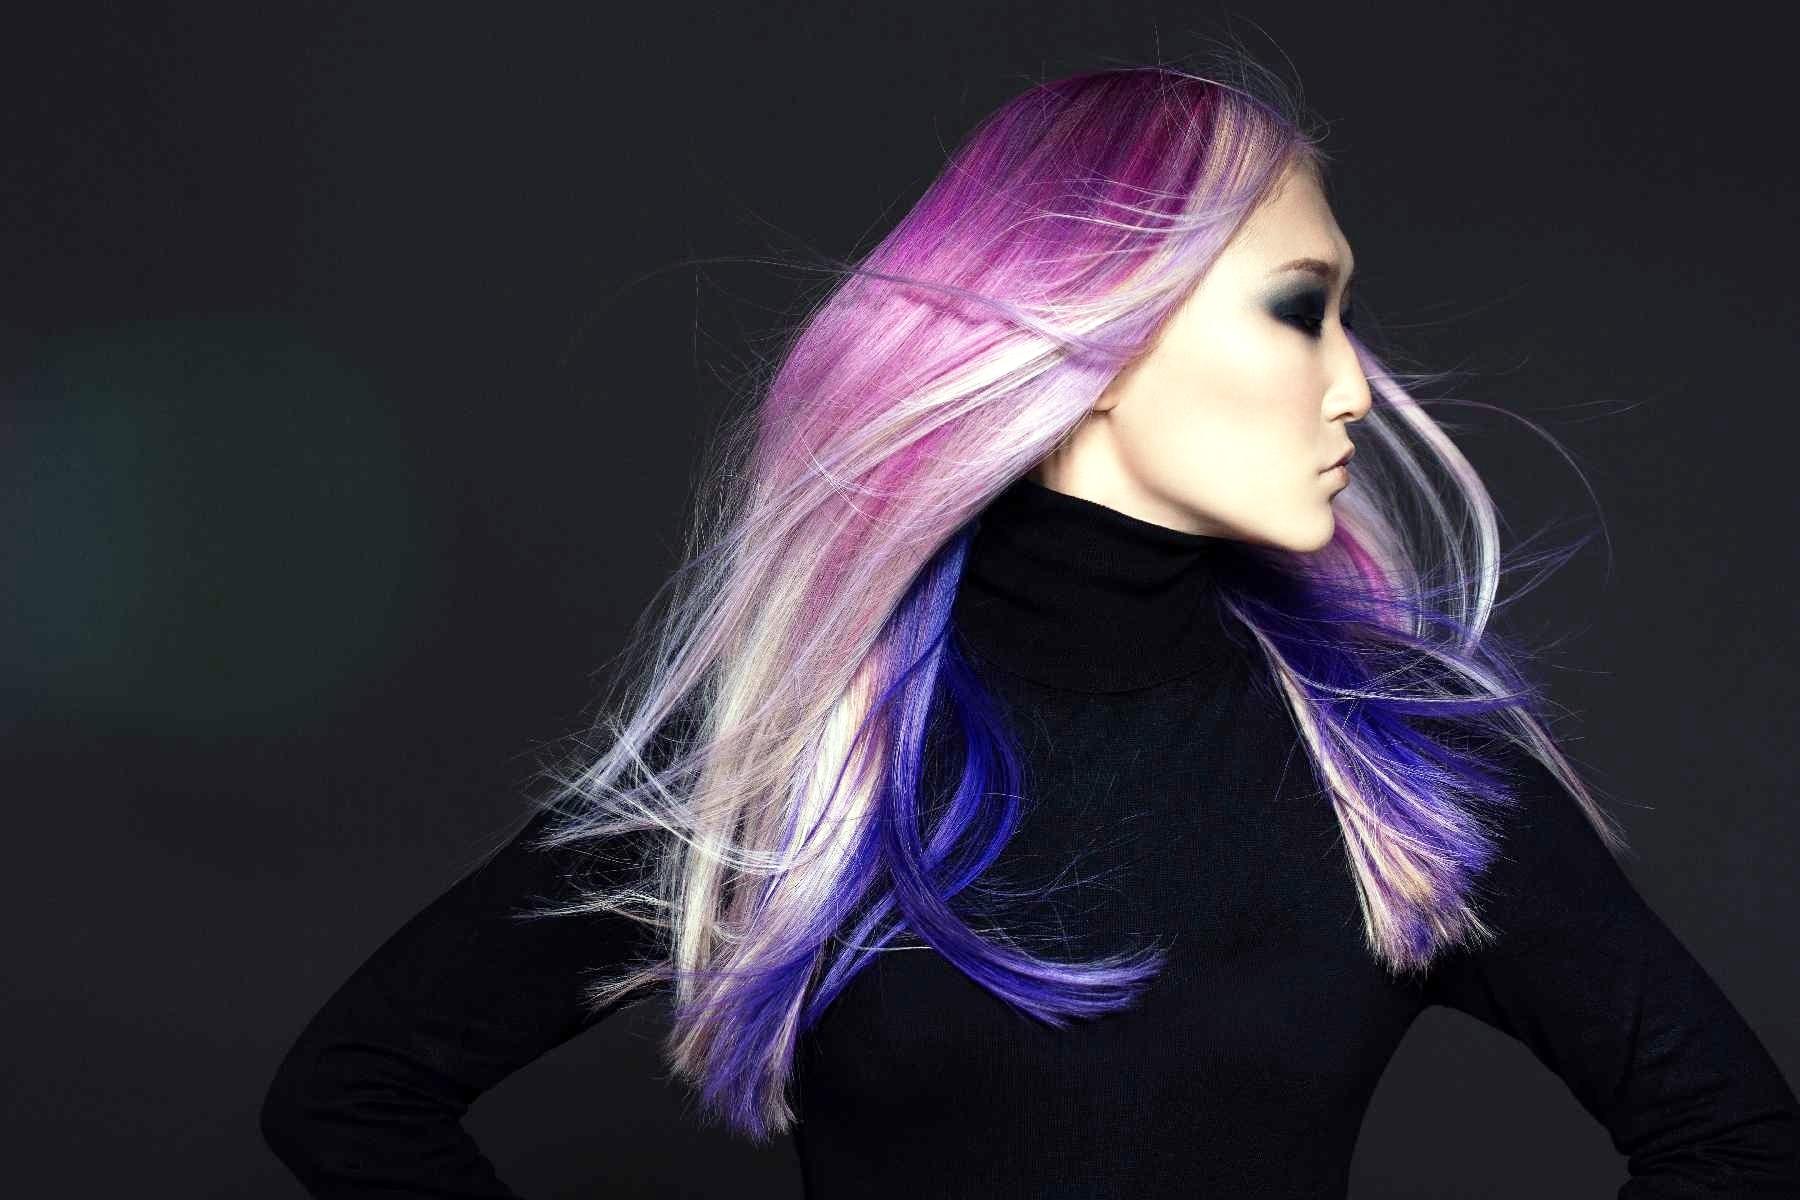 Окрашивание волос по лунному календарю на июнь 2020 года